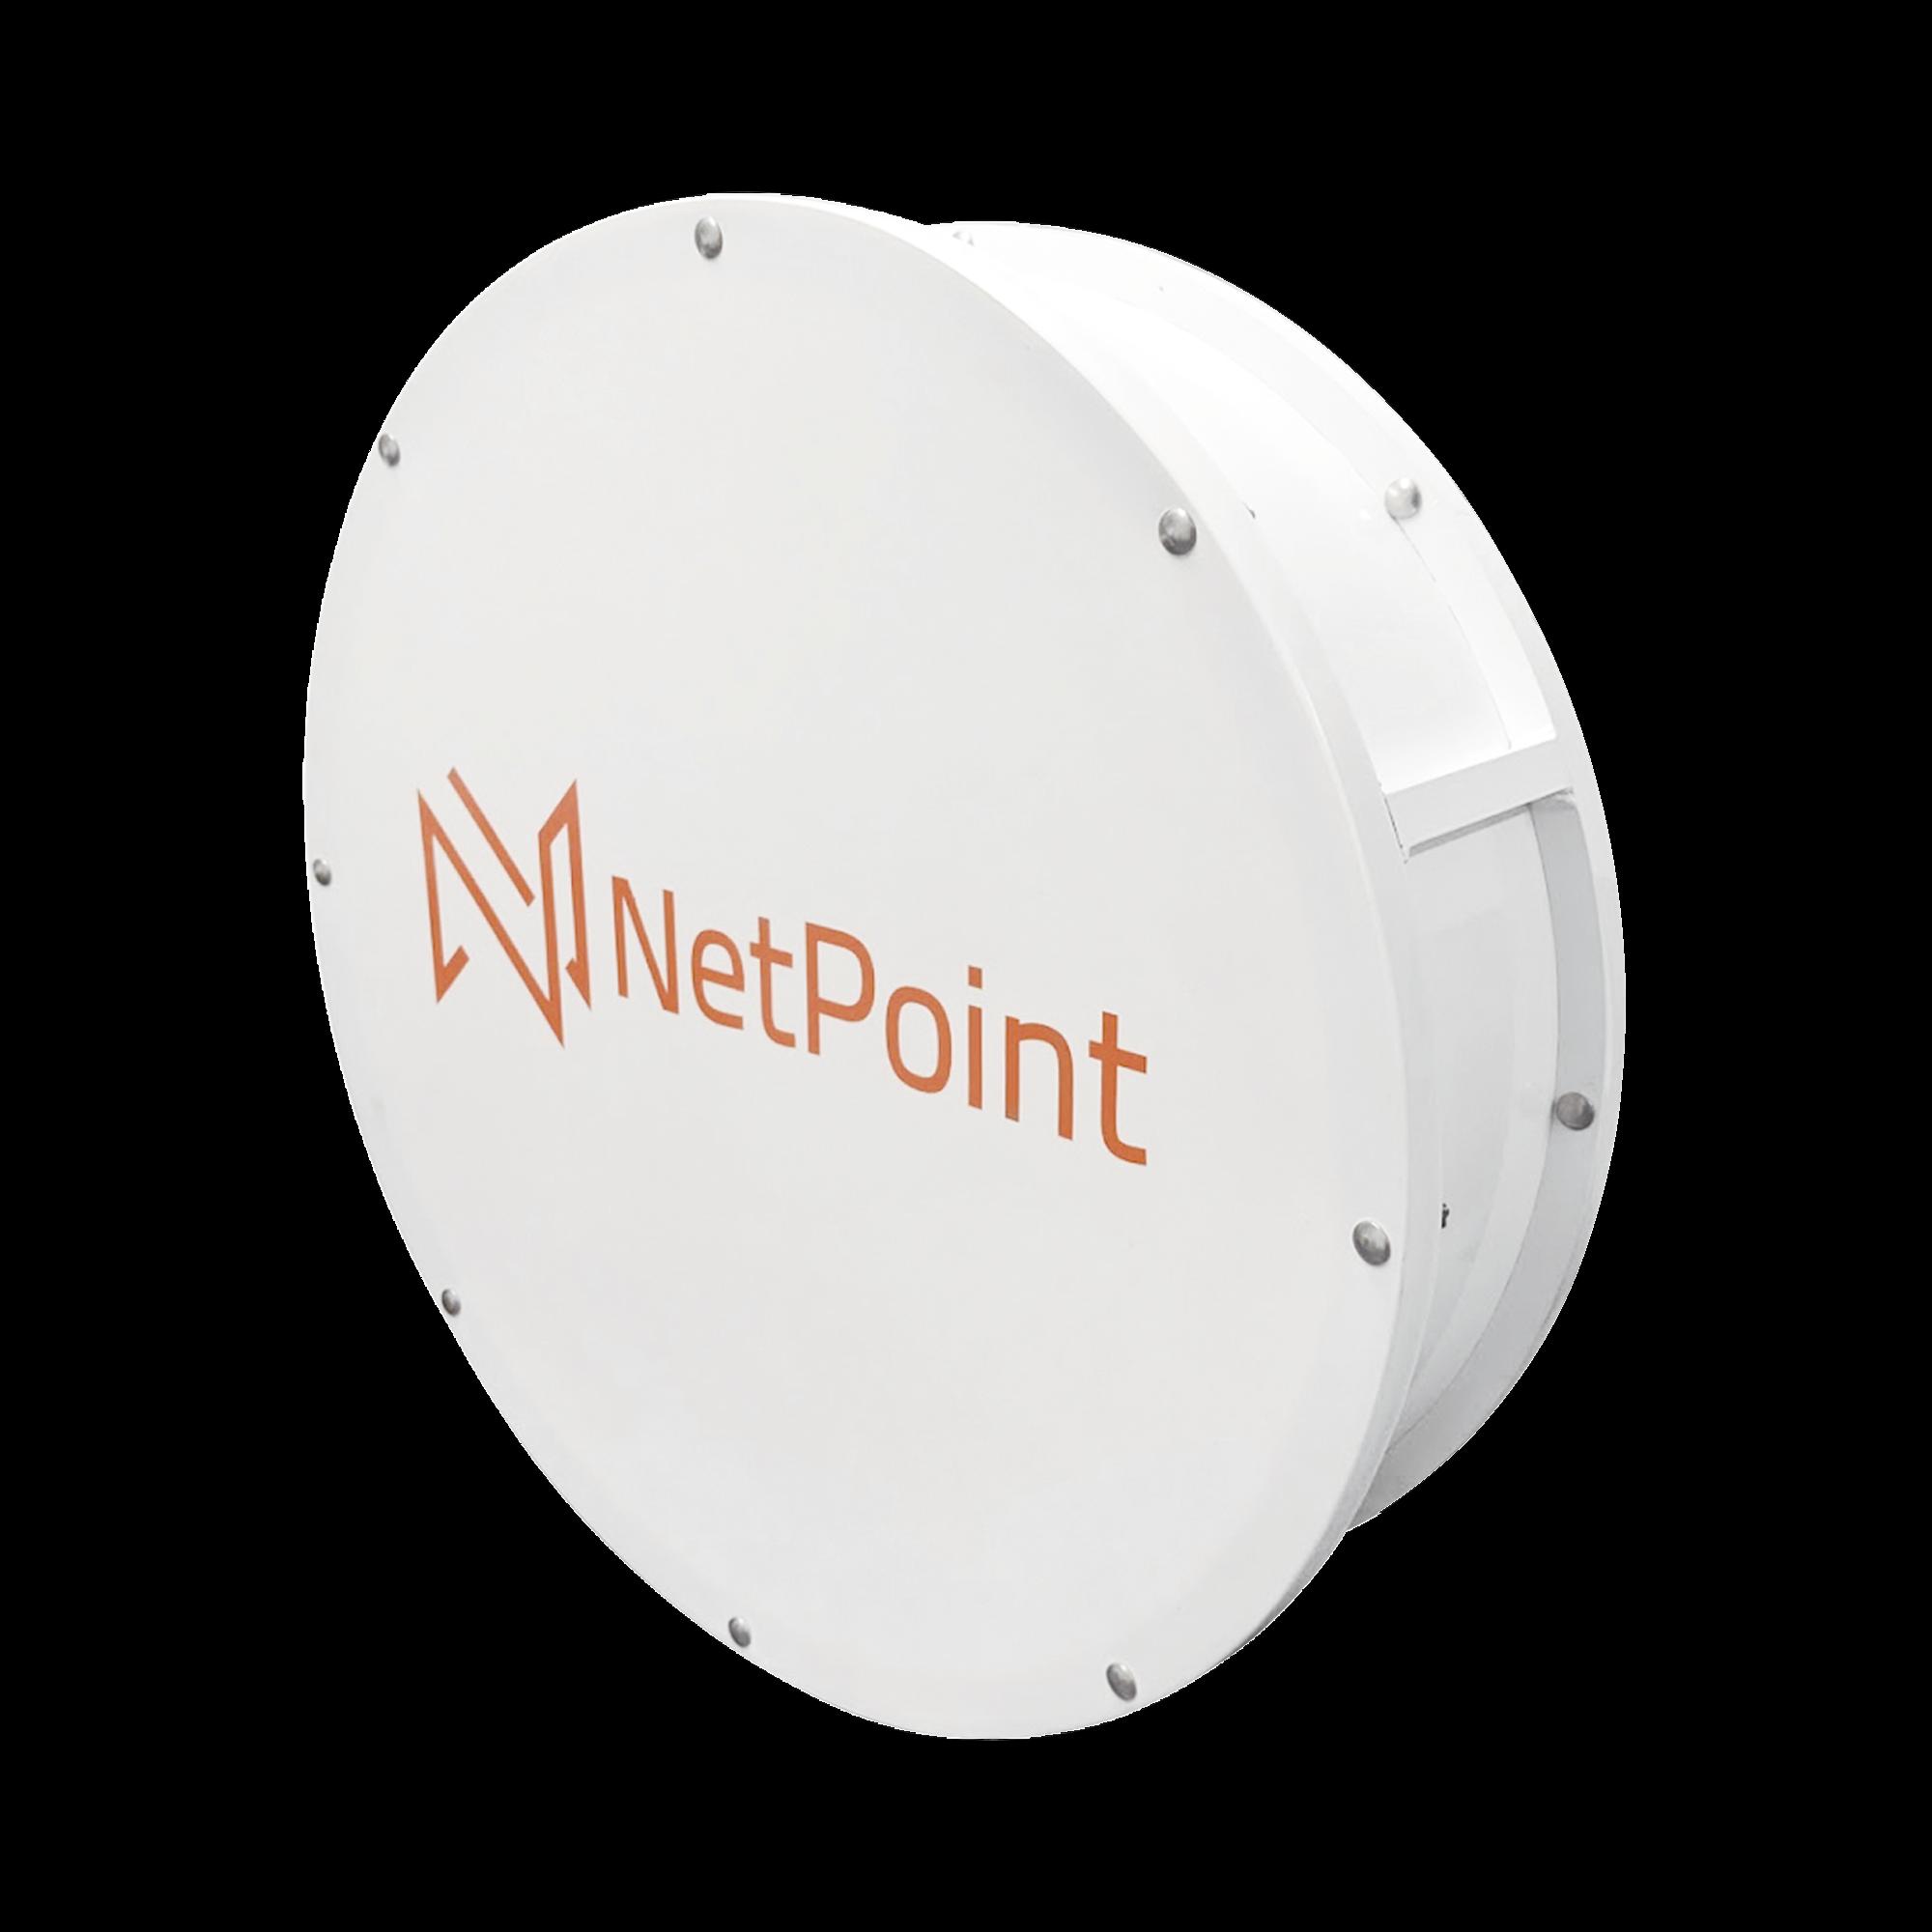 Radomo aislante para alta inmunidad al ruido, reduce interferencia de lóbulos laterales, compatible con antenas NP2